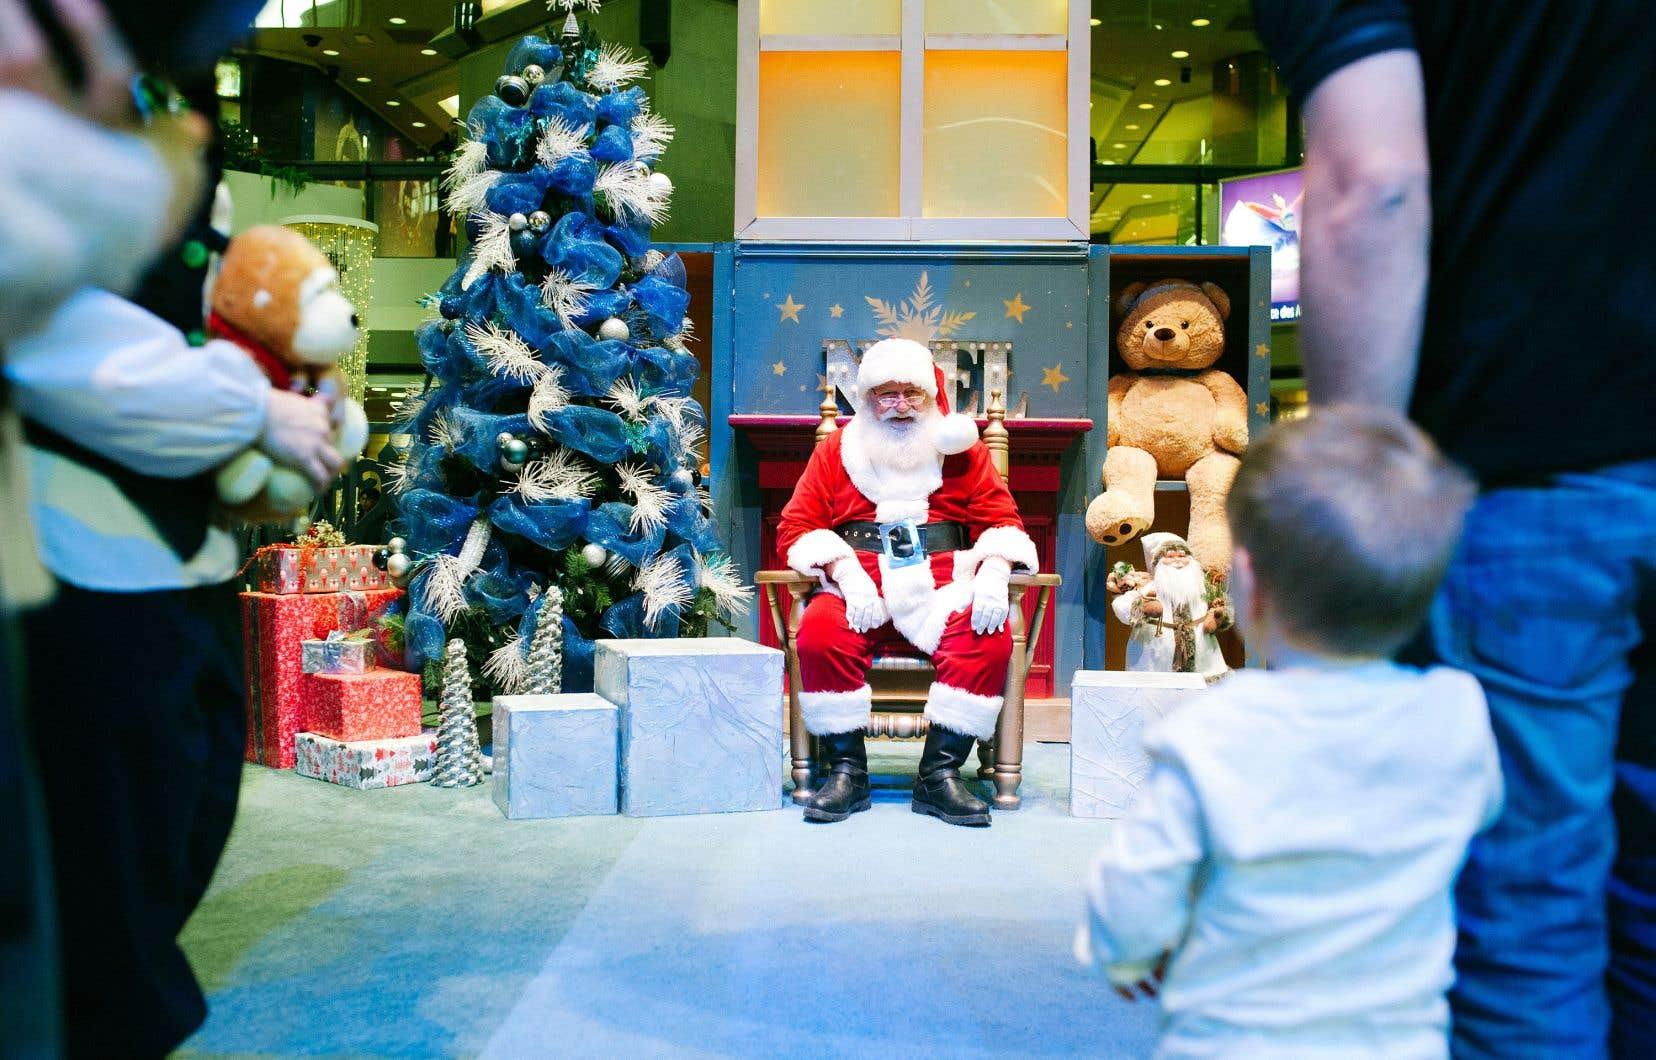 Vrai que le mythe du père Noël s'incarne d'une manière toute particulière dans la réalité: il peut être vu.